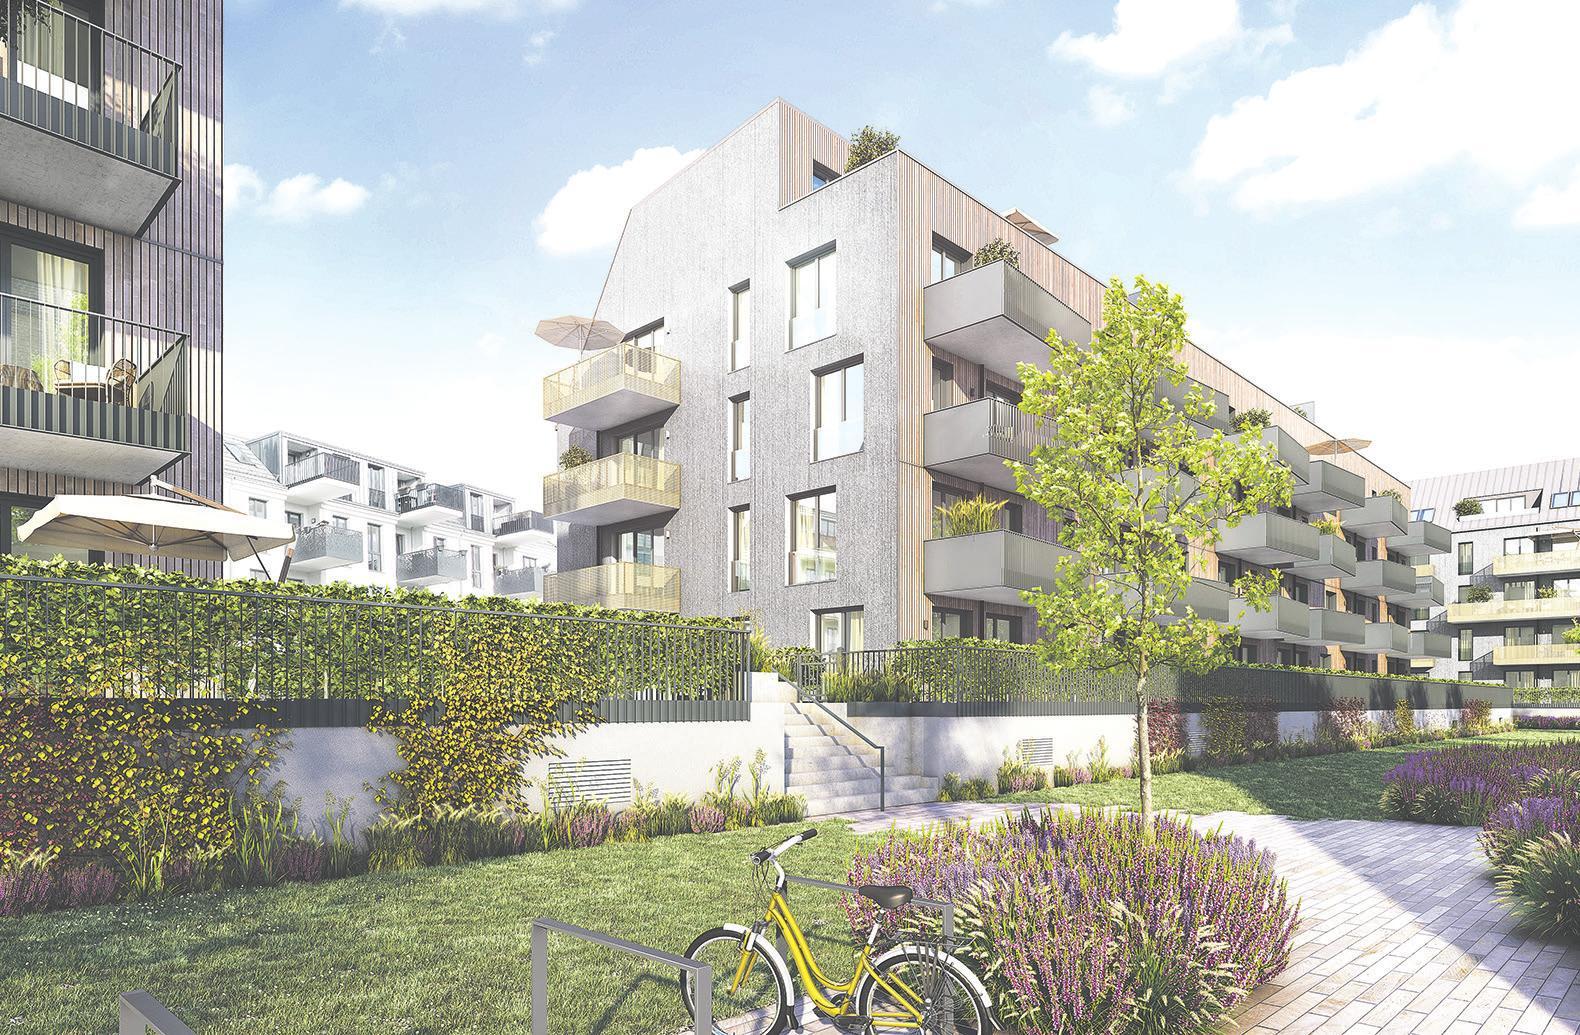 Ökologisch, ökonomisch und sozial orientiert: Das nachhaltige Quartier 52° Nord in Berlin-Grünau bekommt einen neuen Bauabschnitt Visualisierung: BUWOG